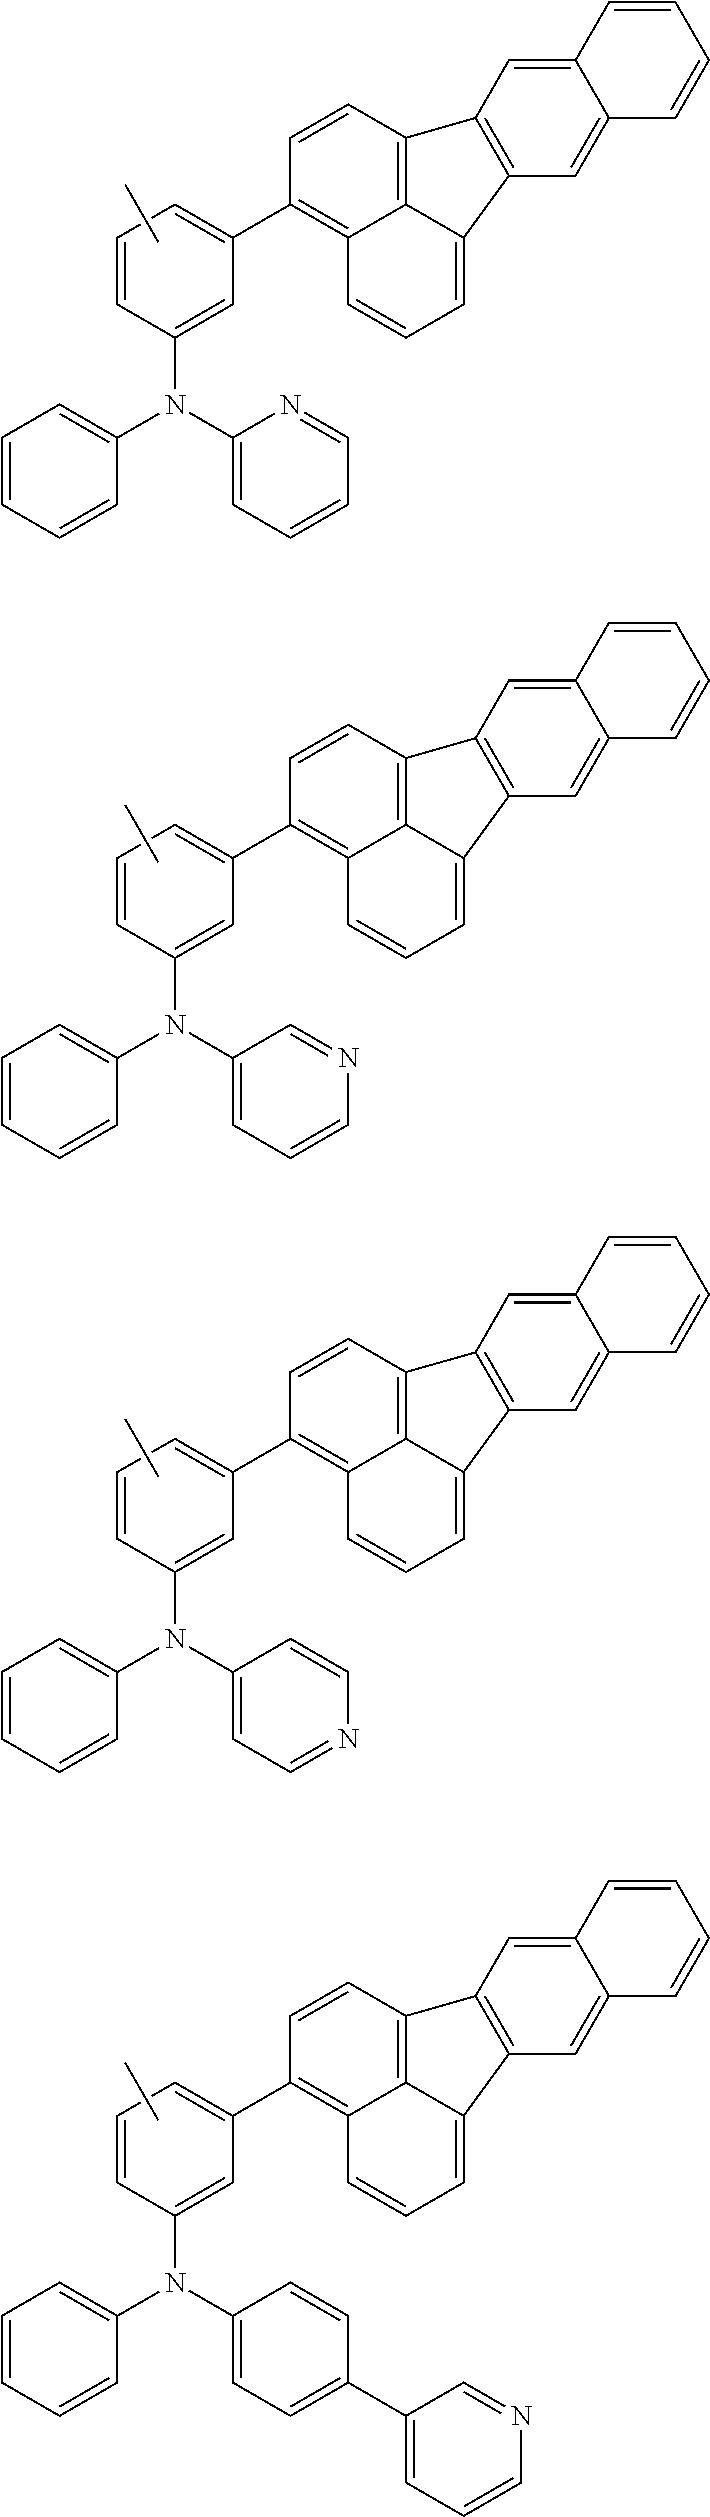 Figure US20150280139A1-20151001-C00032